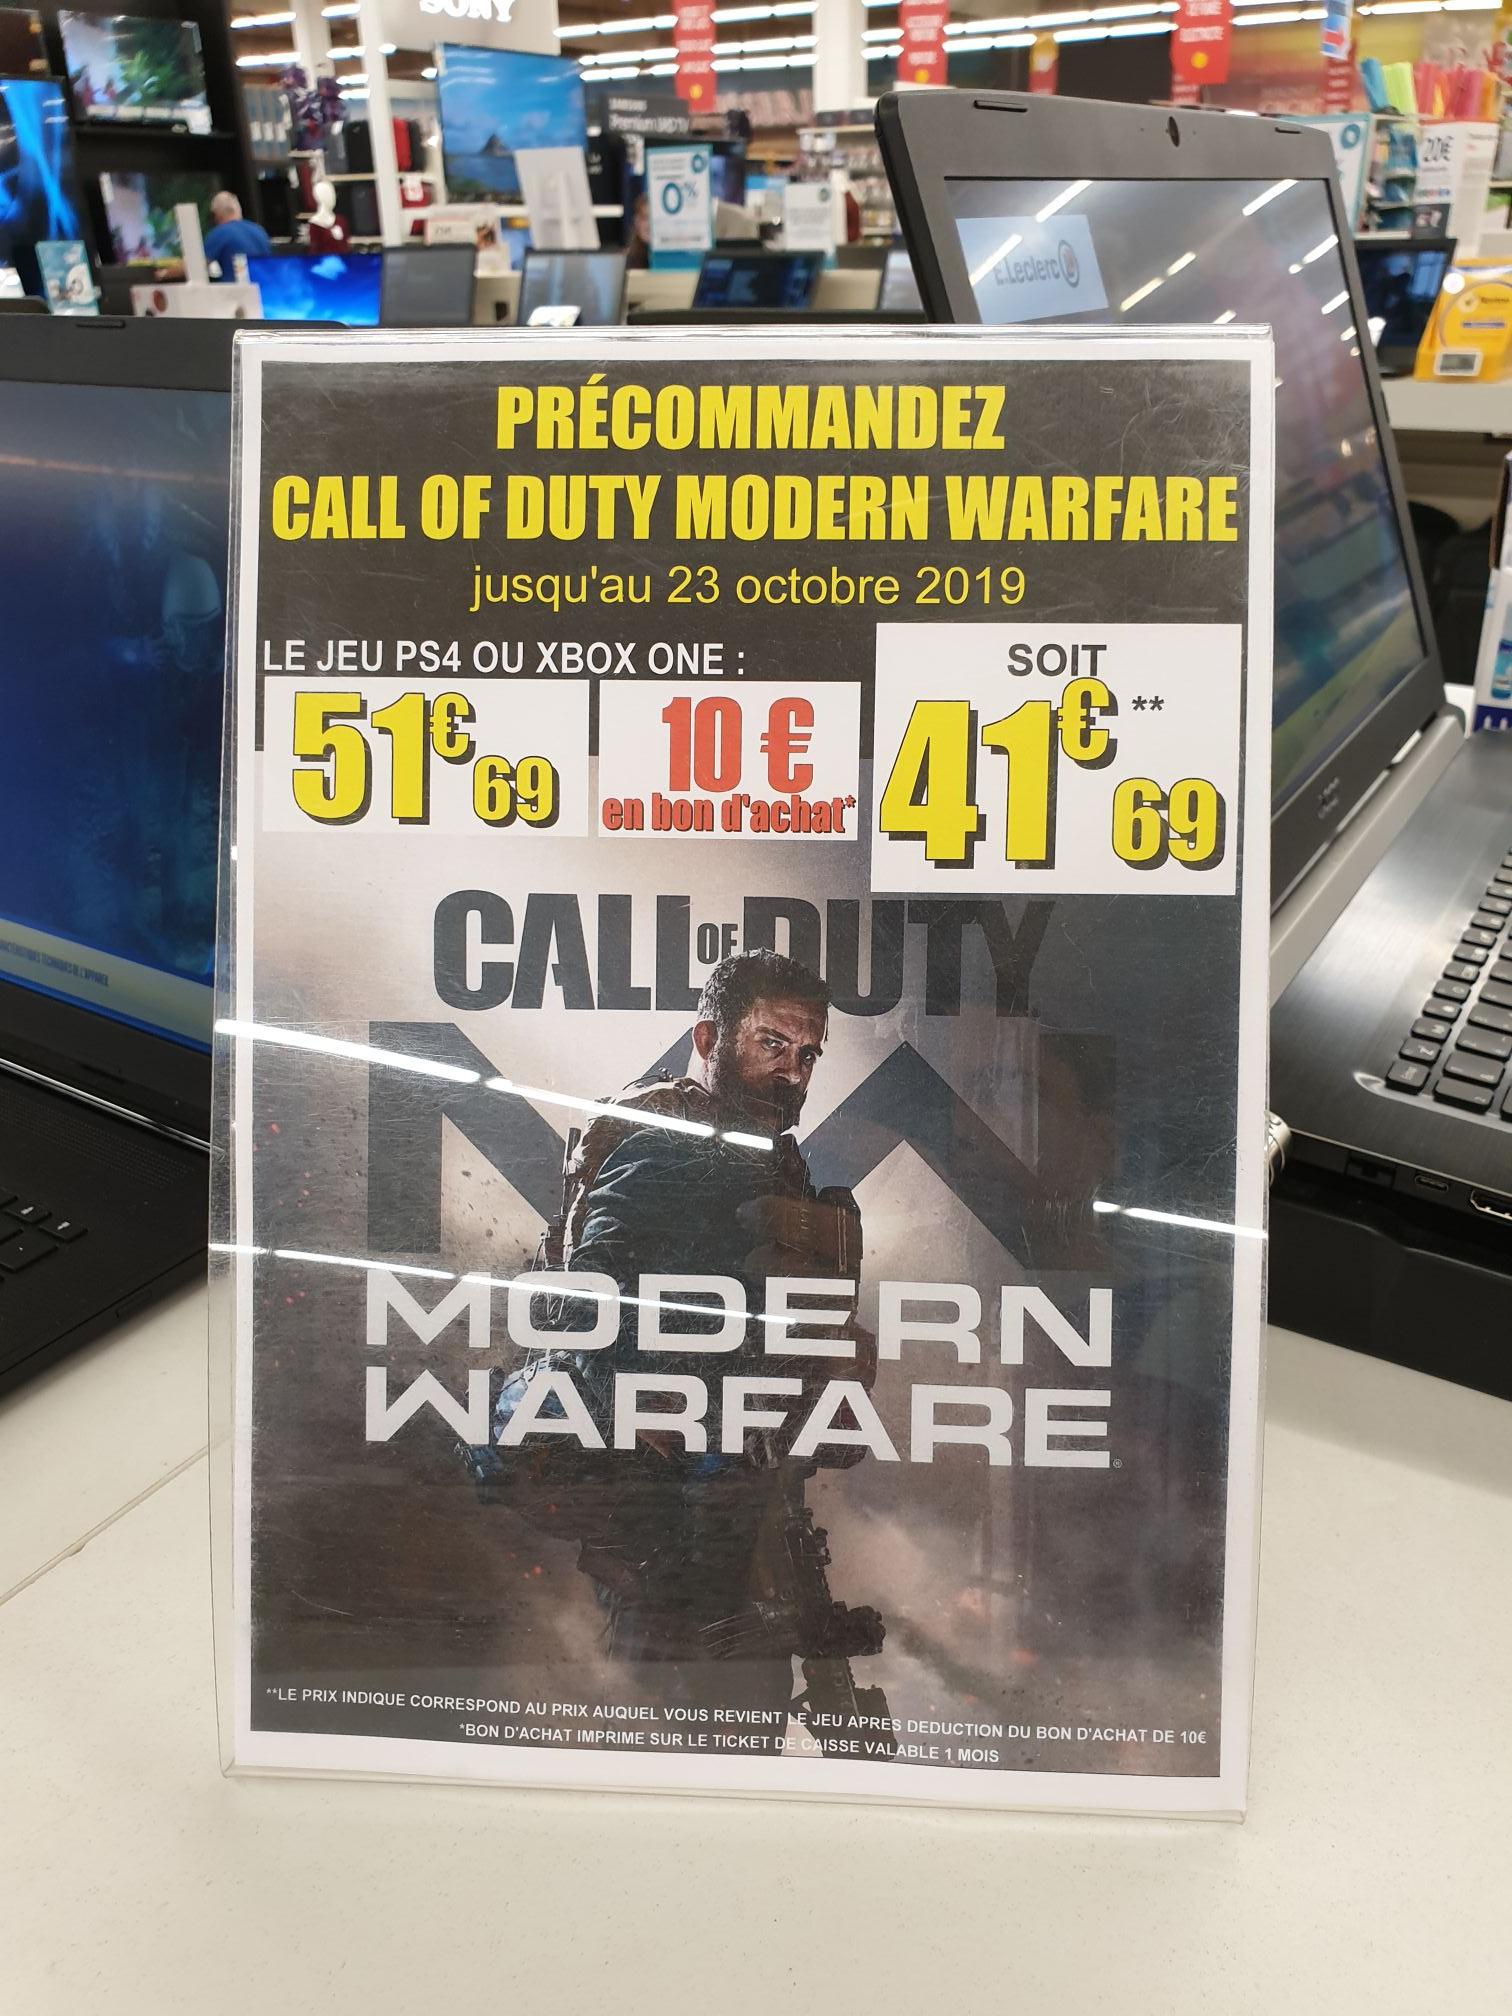 [Précommande] Jeu Call of duty modern warfare sur Xbox one et Ps4 - Saint Orens (31)